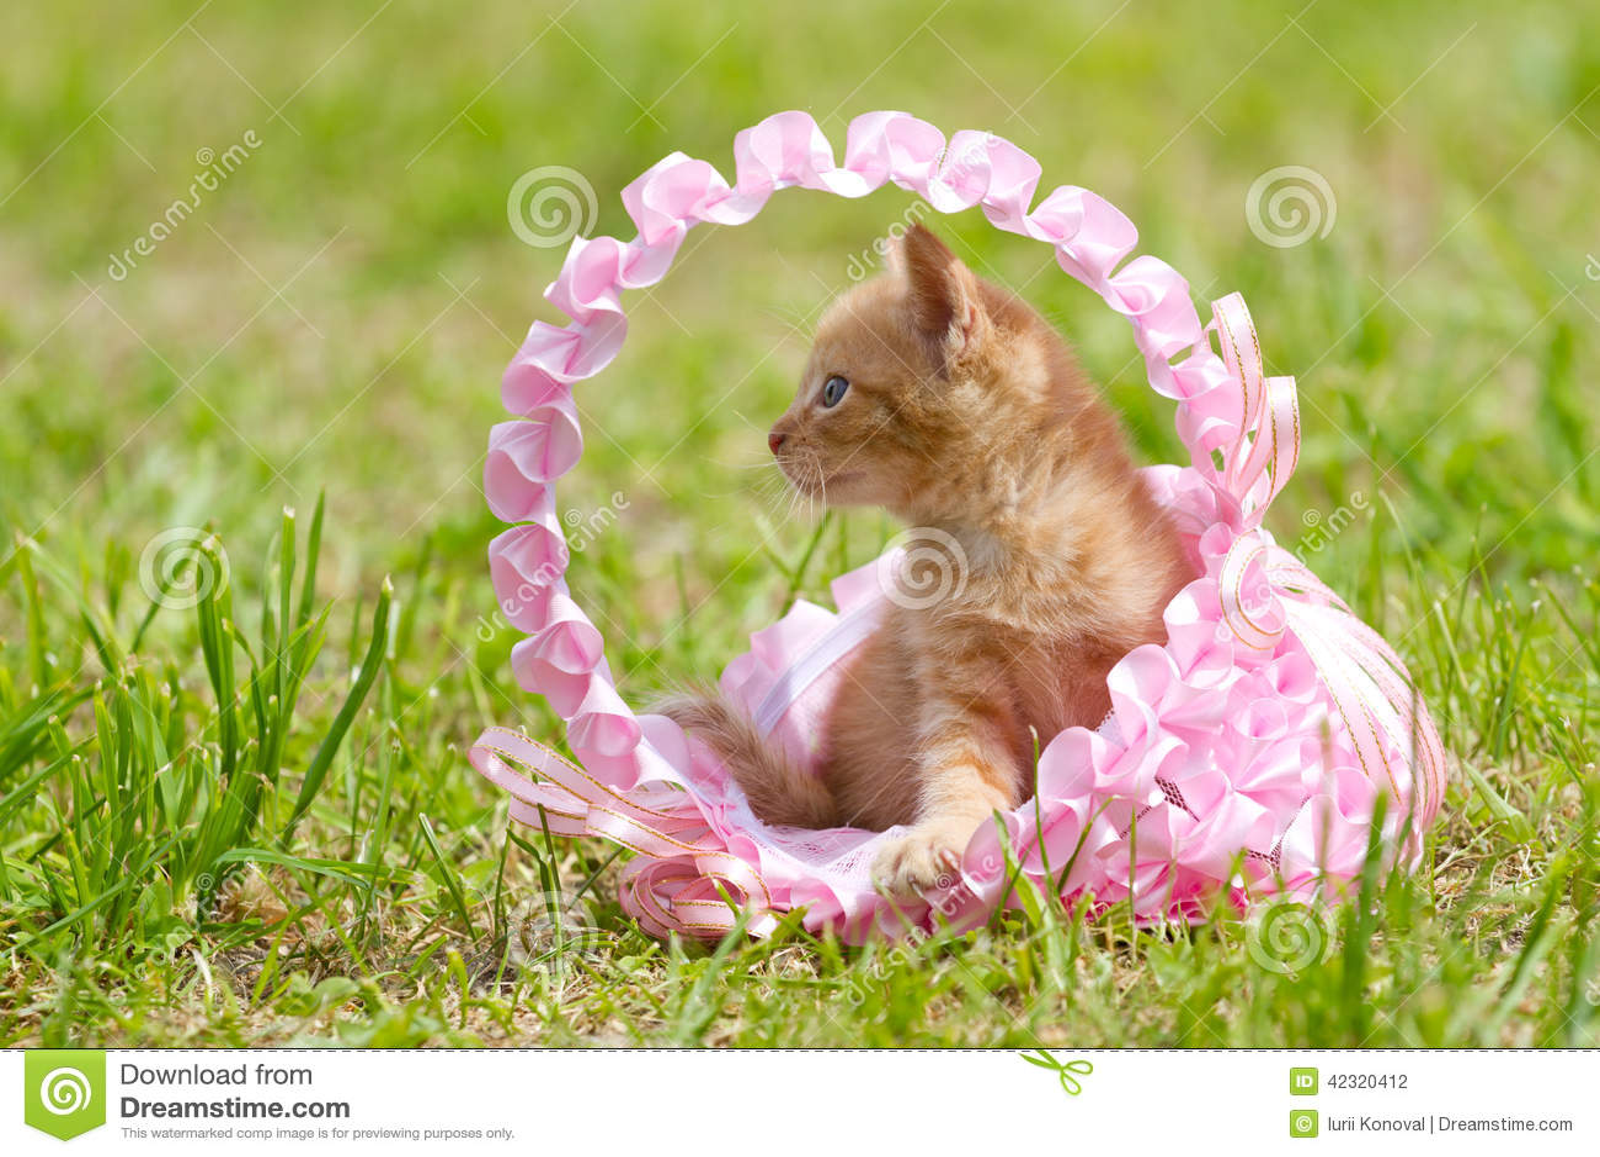 stock photo newborn little kitten